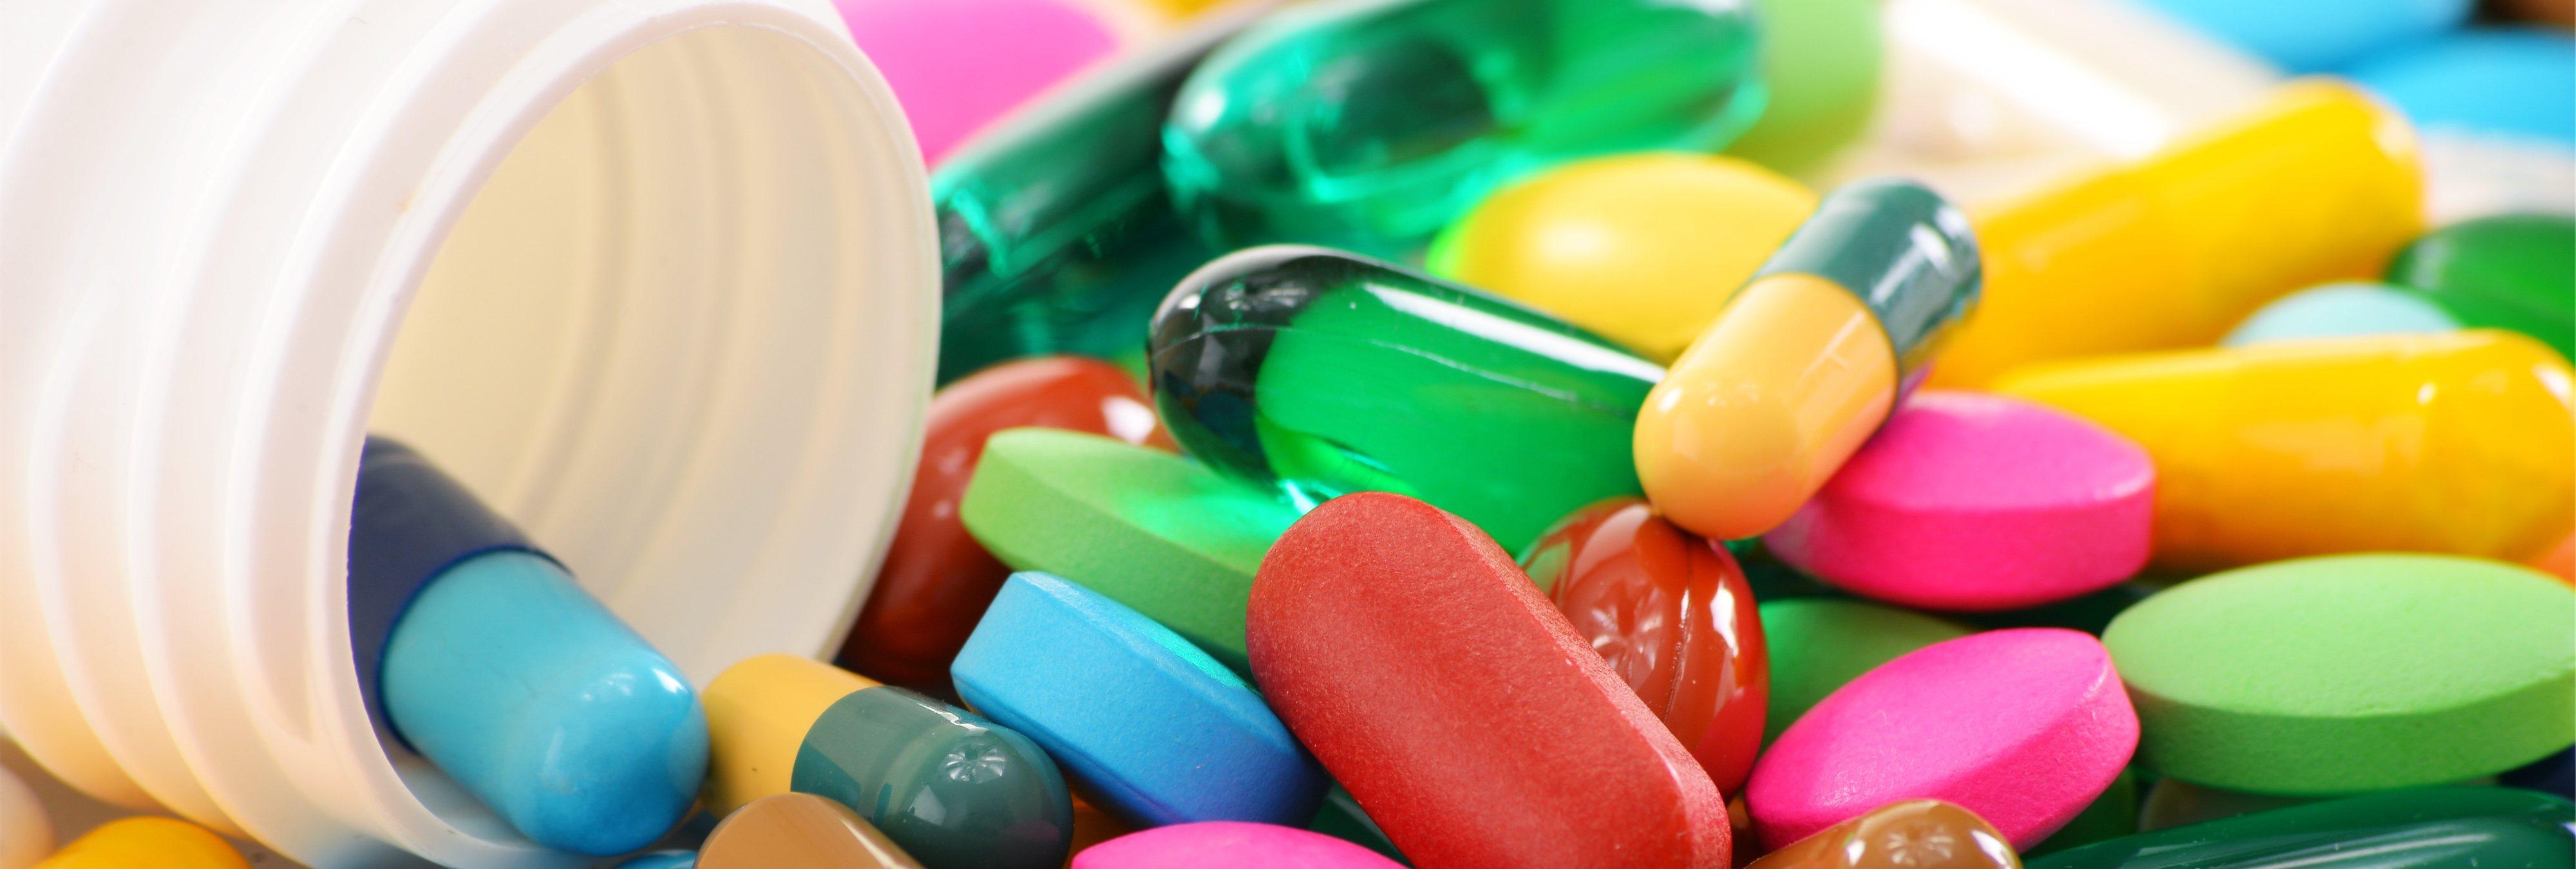 Los pacientes de larga duración tratados con orfidal o valium pueden acabar enganchados